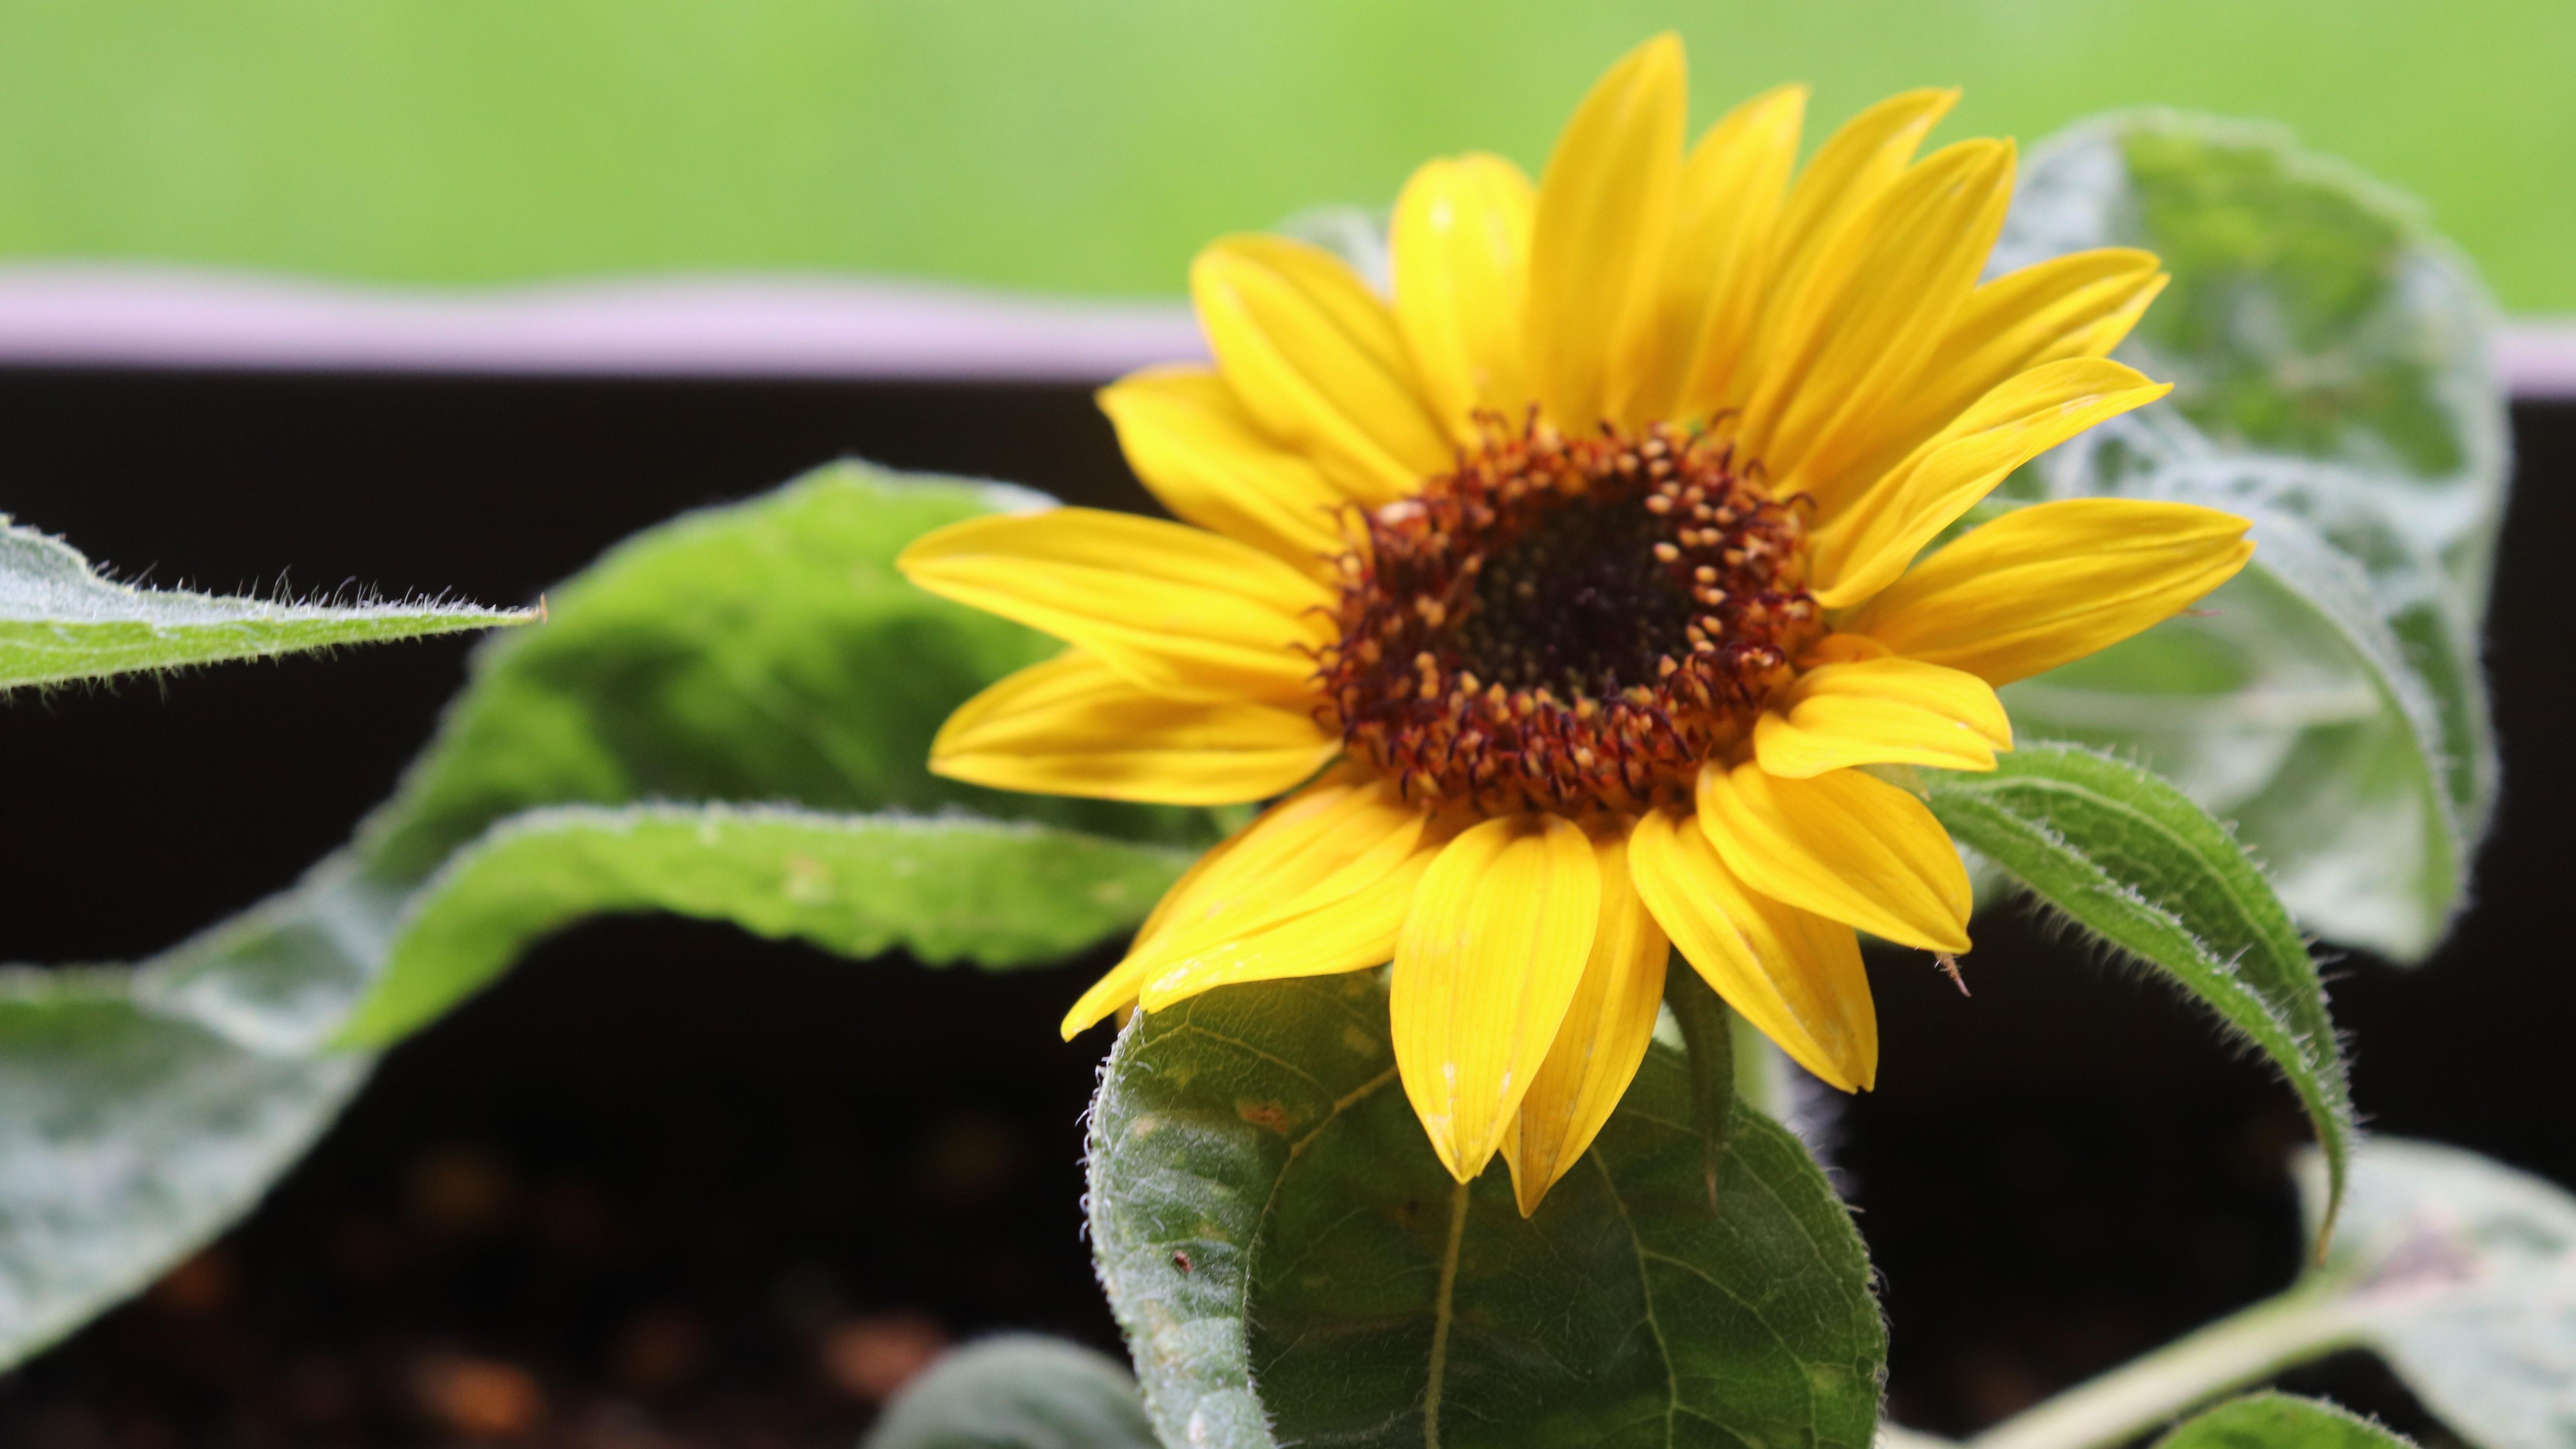 ミニひまわりの育て方!種まきから開花させるまでの管理のコツをご紹介!